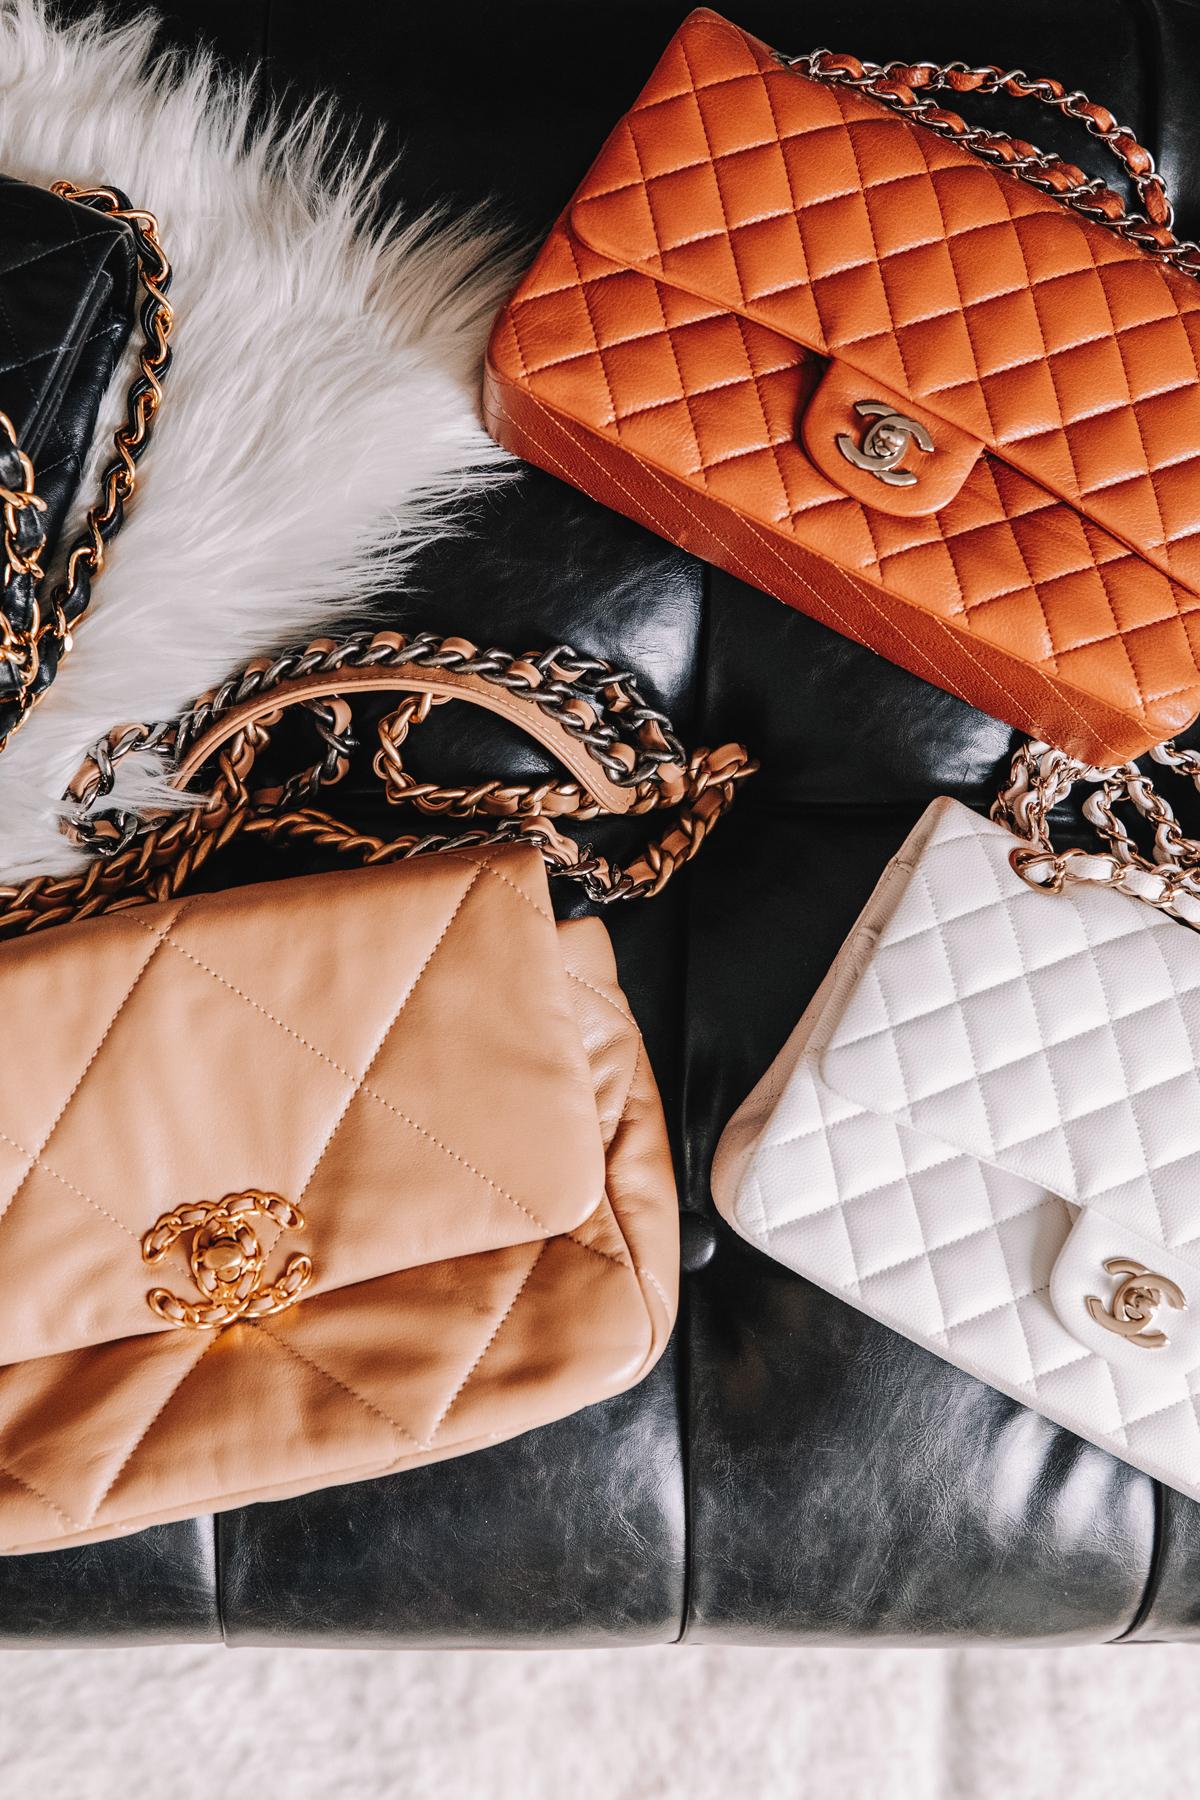 Fashion Jackson Chanel Handbag Collection 6